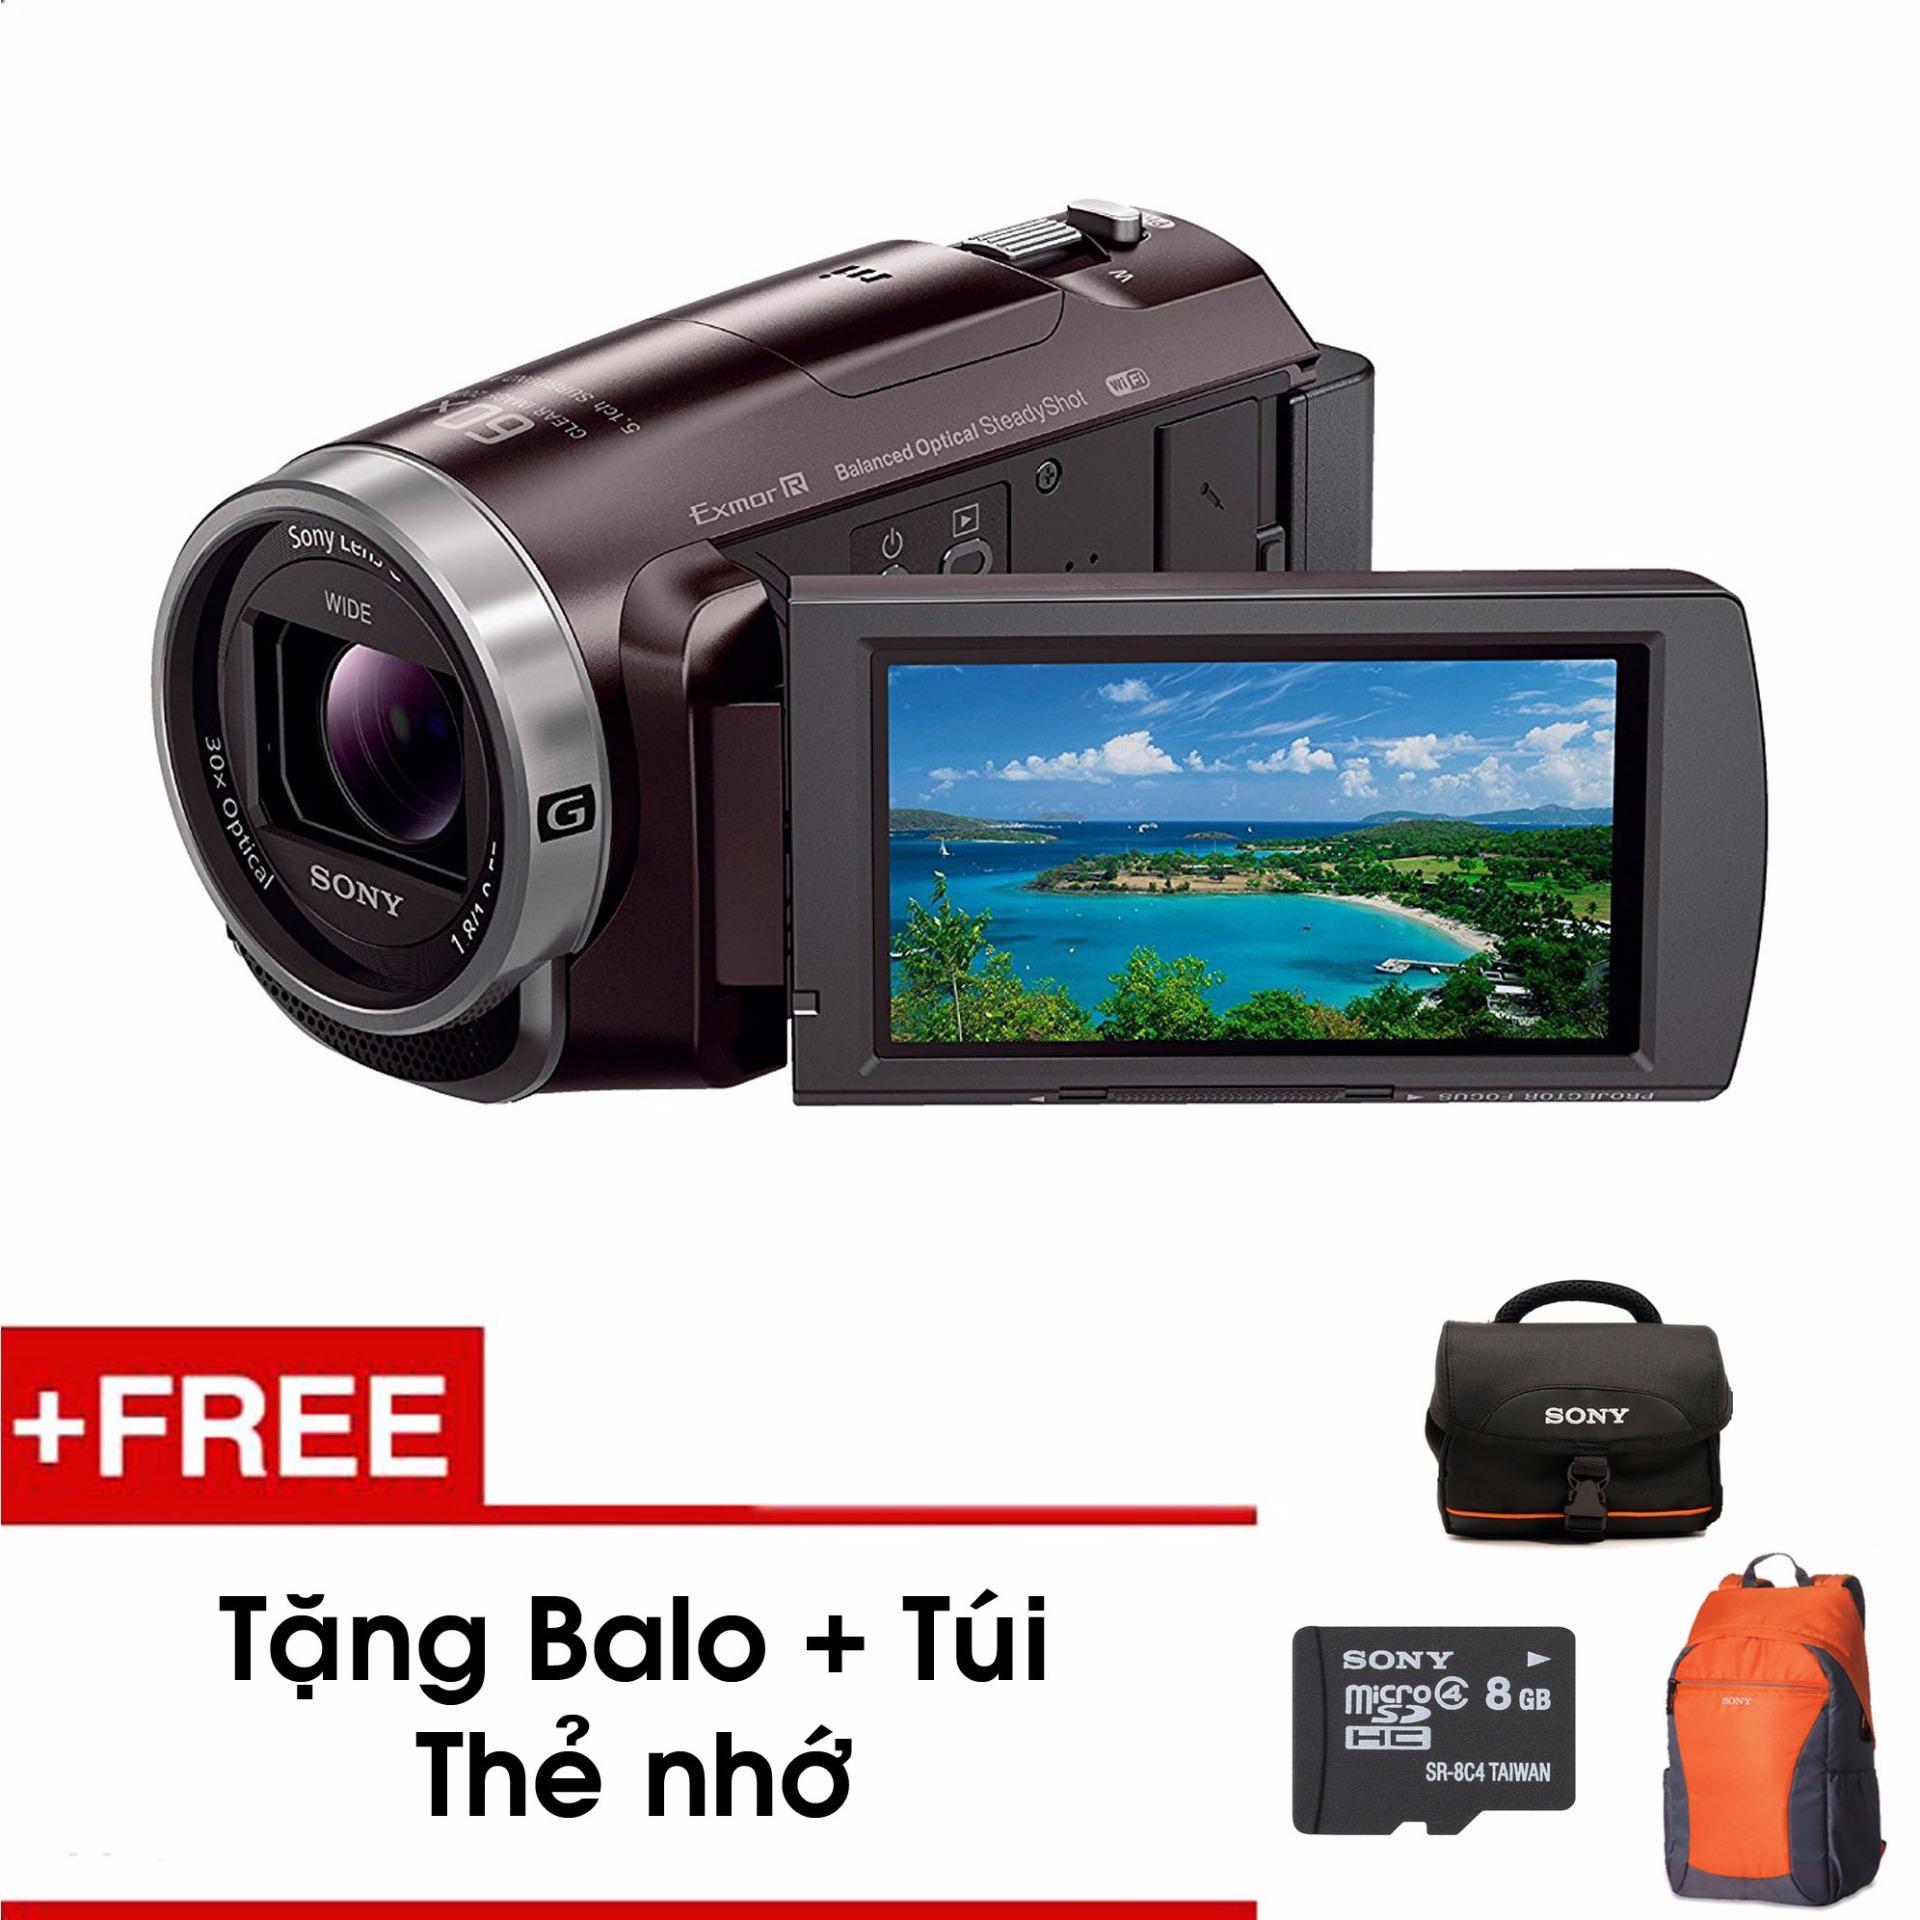 Máy quay cầm tay Sony PJ675 tích hợp máy chiếu (Đen) – Tặng thẻ nhớ – Túi – Balo du lịch Sony – Hàng phân phối chính hãng